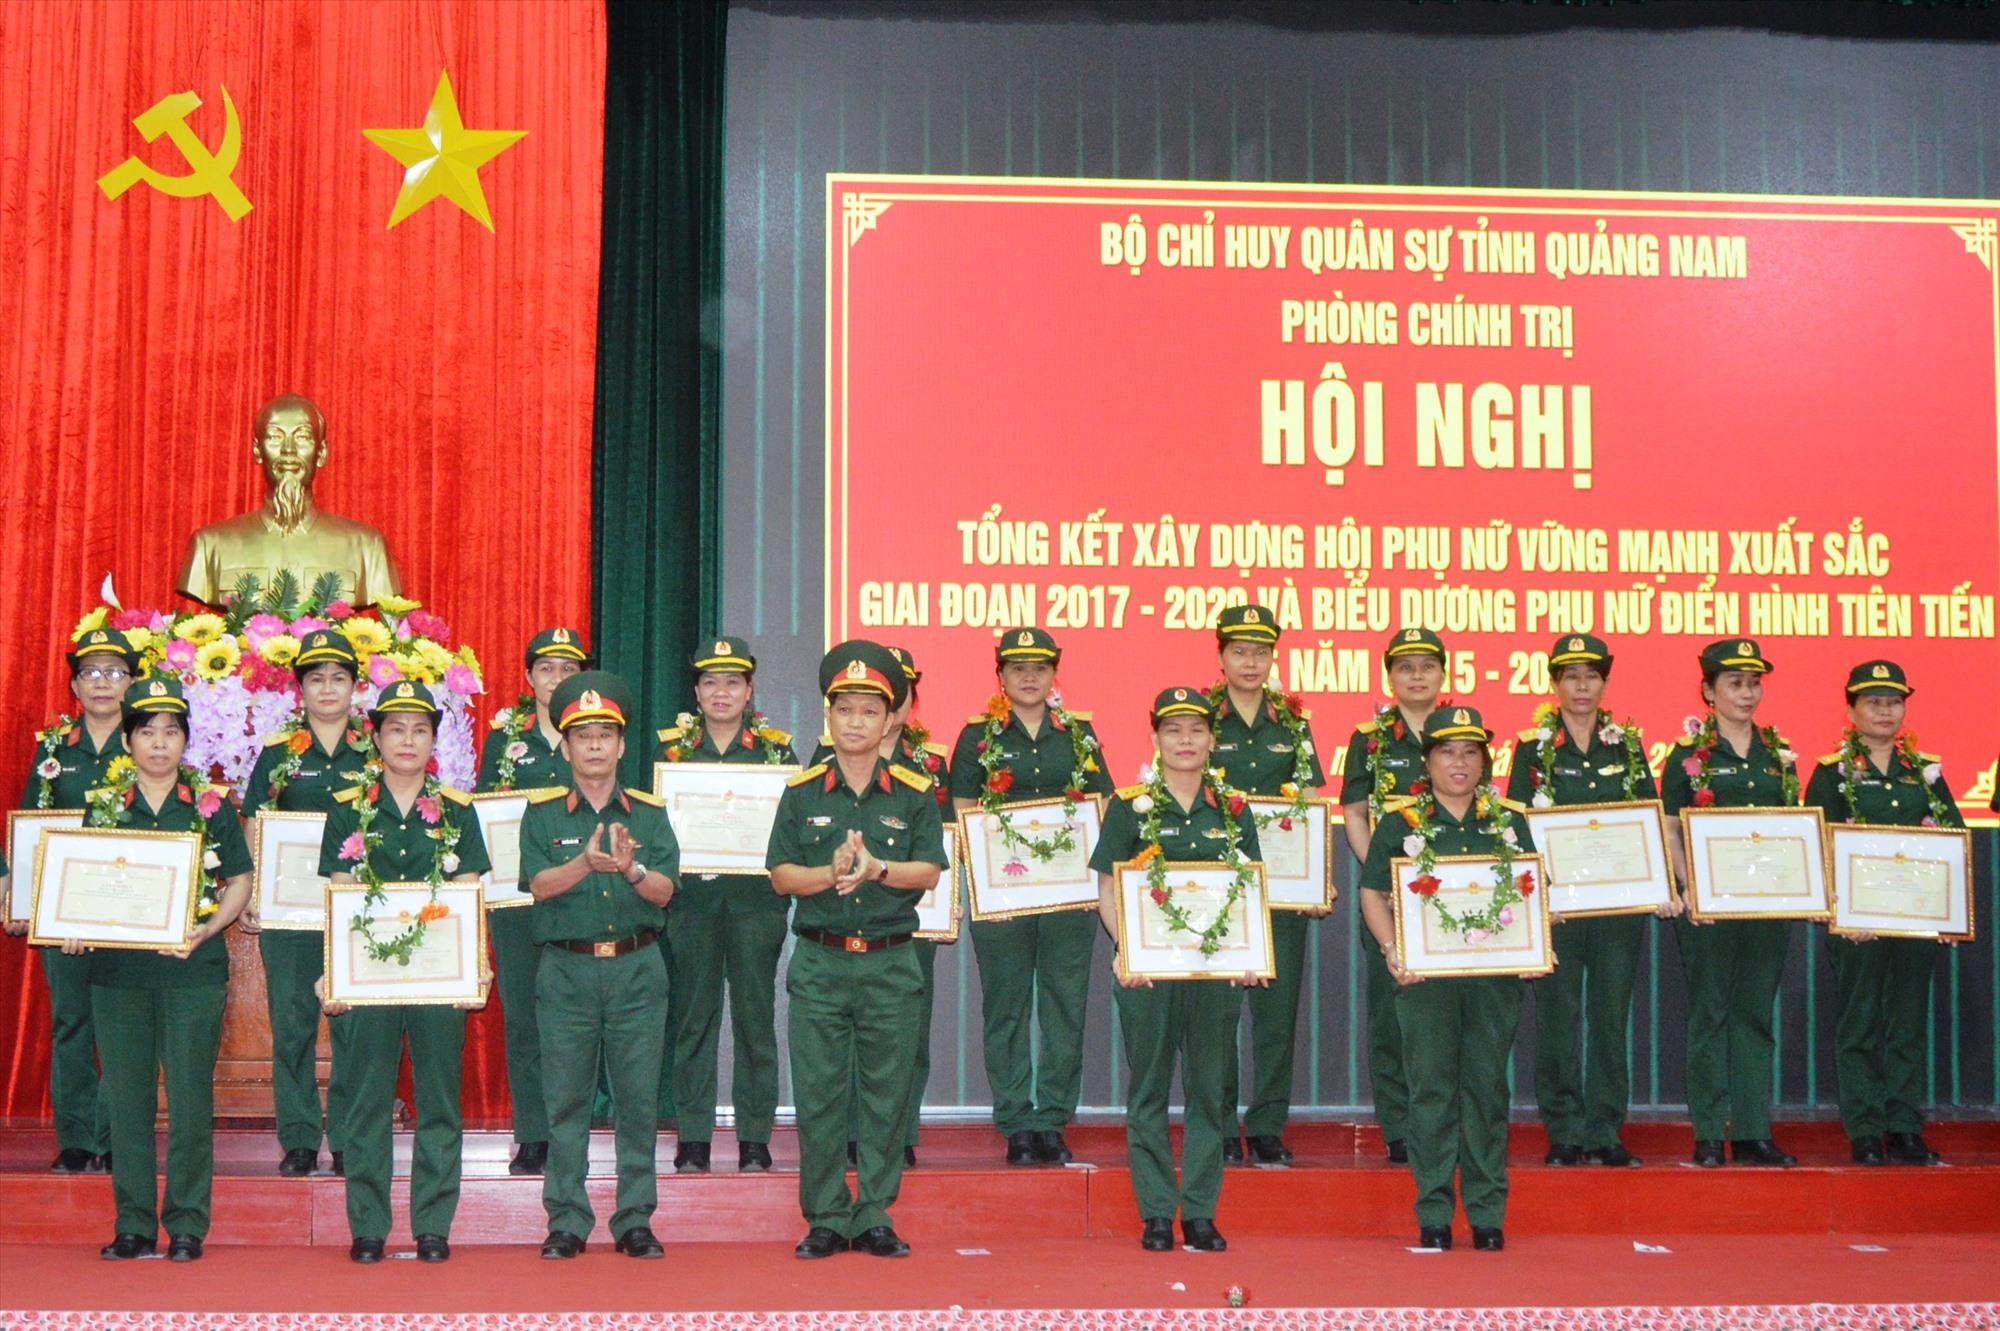 Bộ CHQS tỉnh khen thưởng cho các phụ nữ điển hình tiên tiến trong lực lượng vũ trang tỉnh. Ảnh: T.ANH